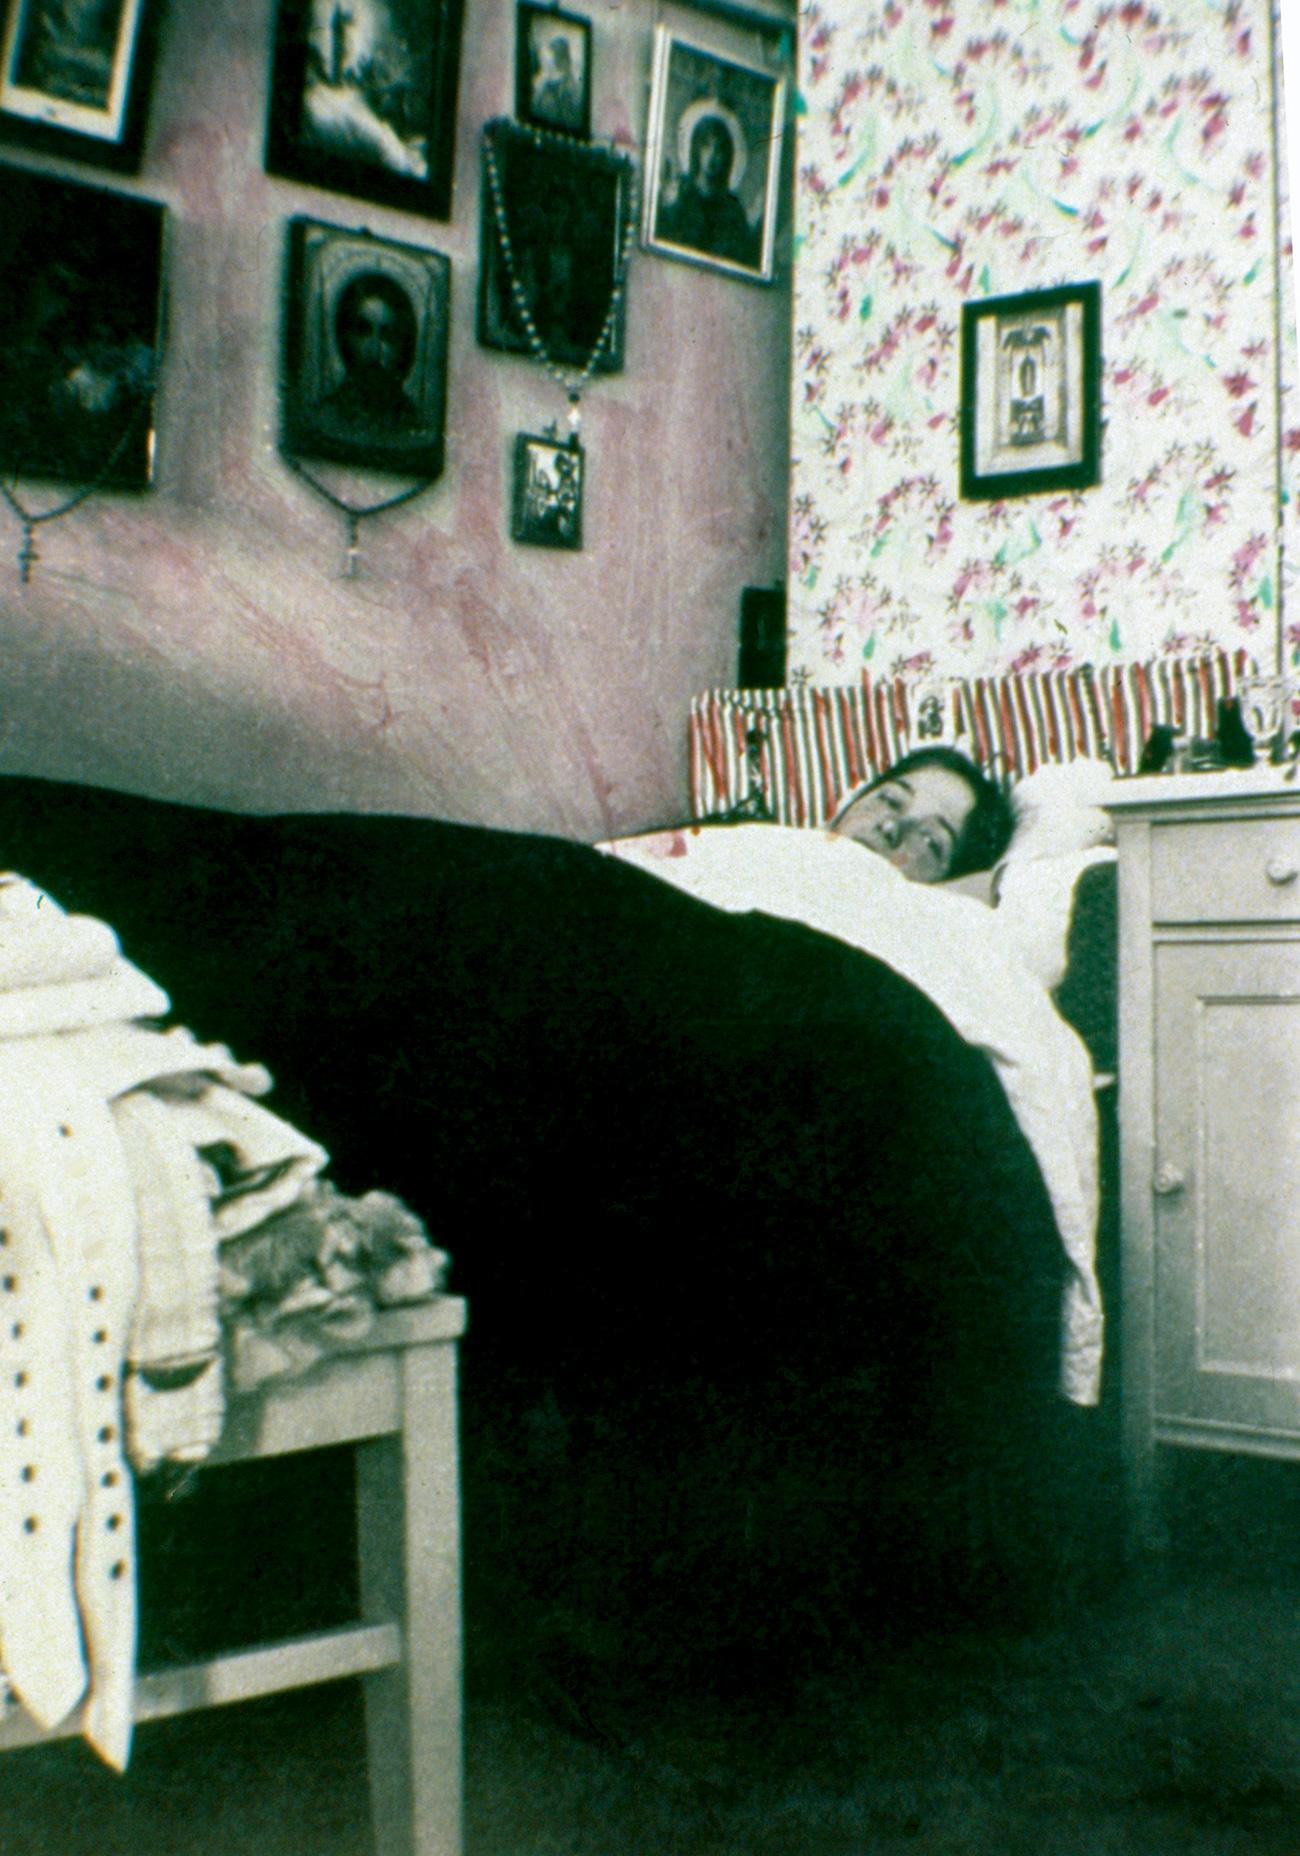 All'interno dell'atelier fotografico venivano scattate quasi duemila foto al giorno. Nella foto, Olga, la figlia dello zar